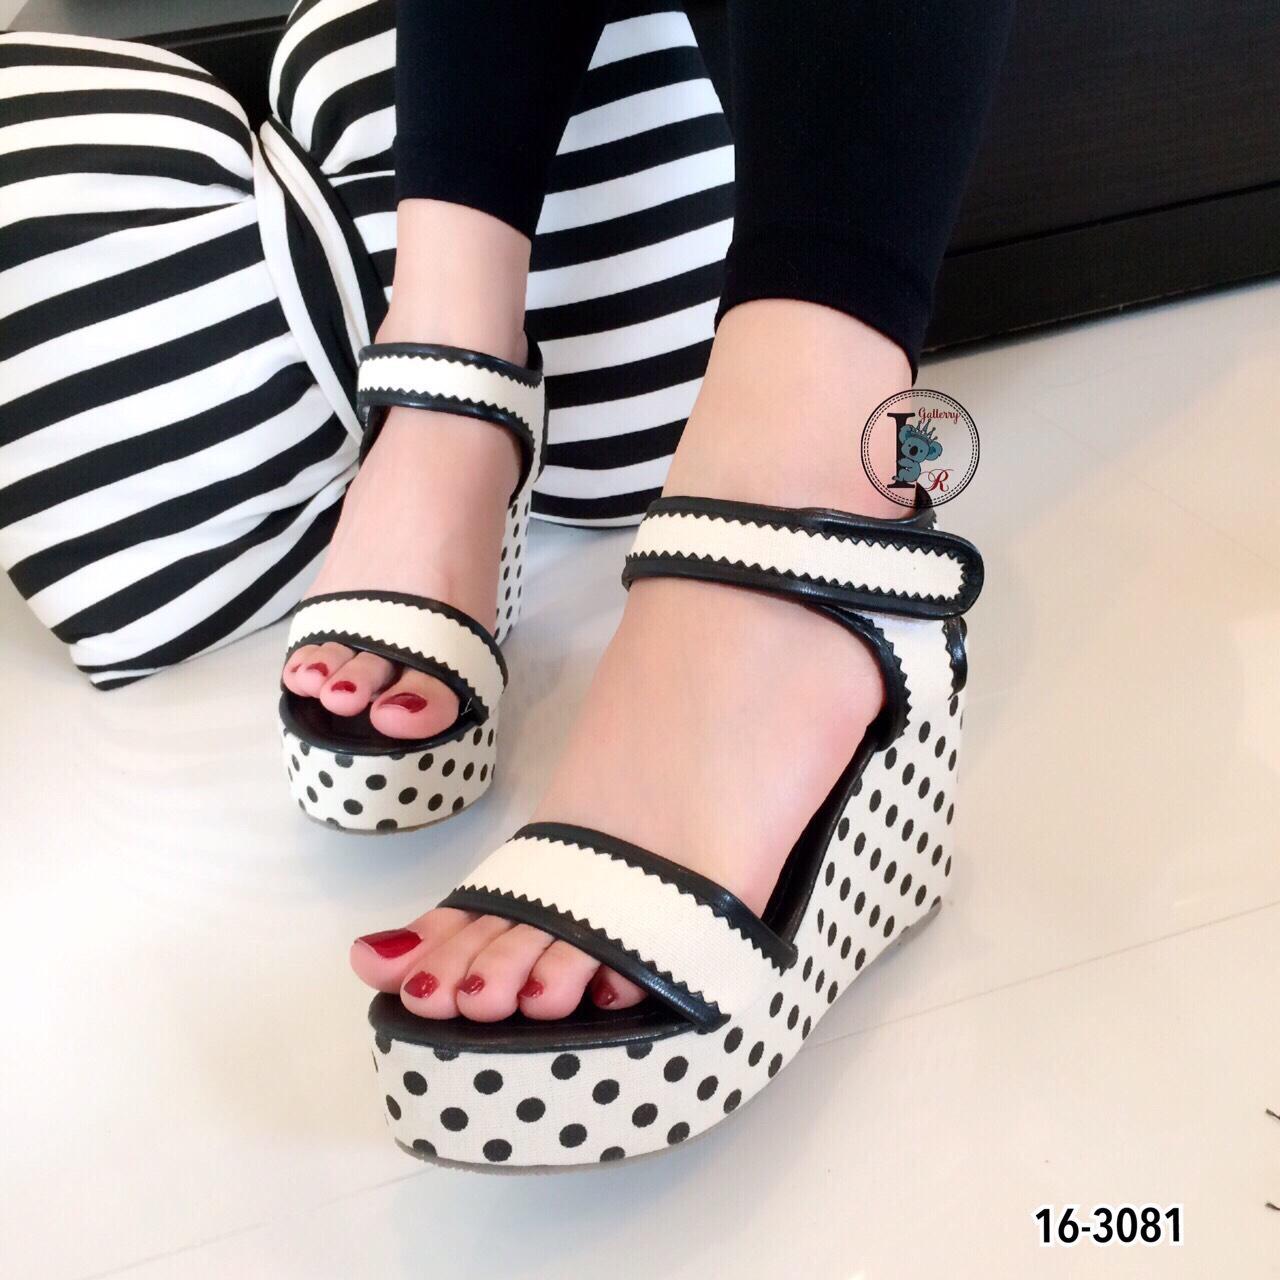 รองเท้าส้นเตารีดลาย Pokka Dot (สีครีม)